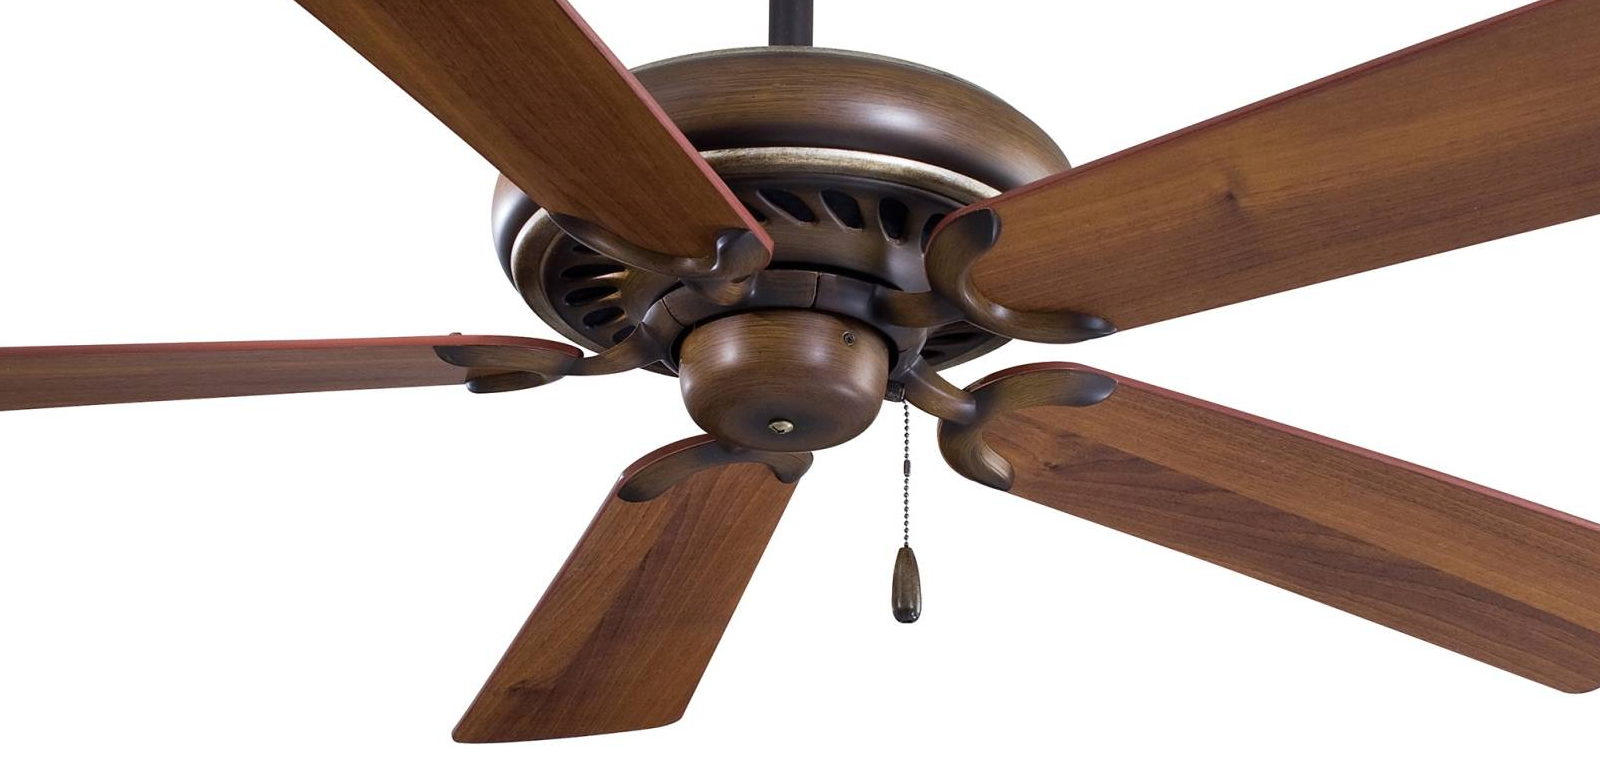 Tại sao có những dòng sản phẩm quạt trần có số lượng cánh khác nhau?